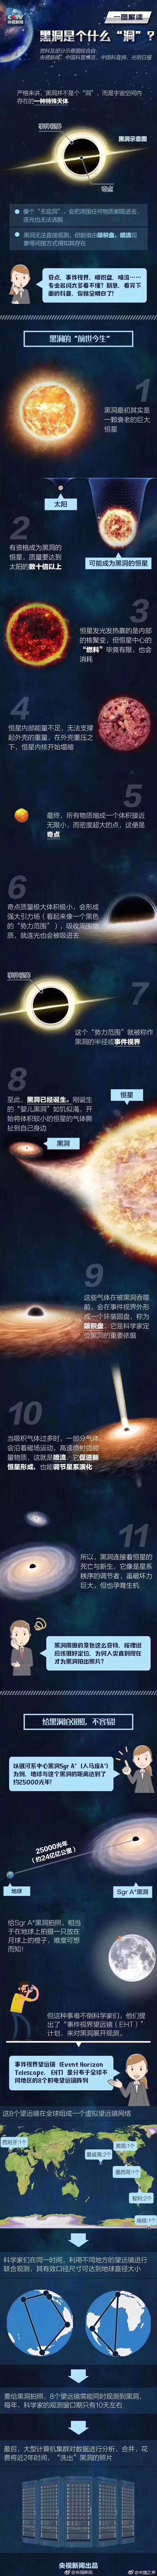 新濠天地下载地址早闻:被人类首张黑洞照片刷屏,它到底是什么?